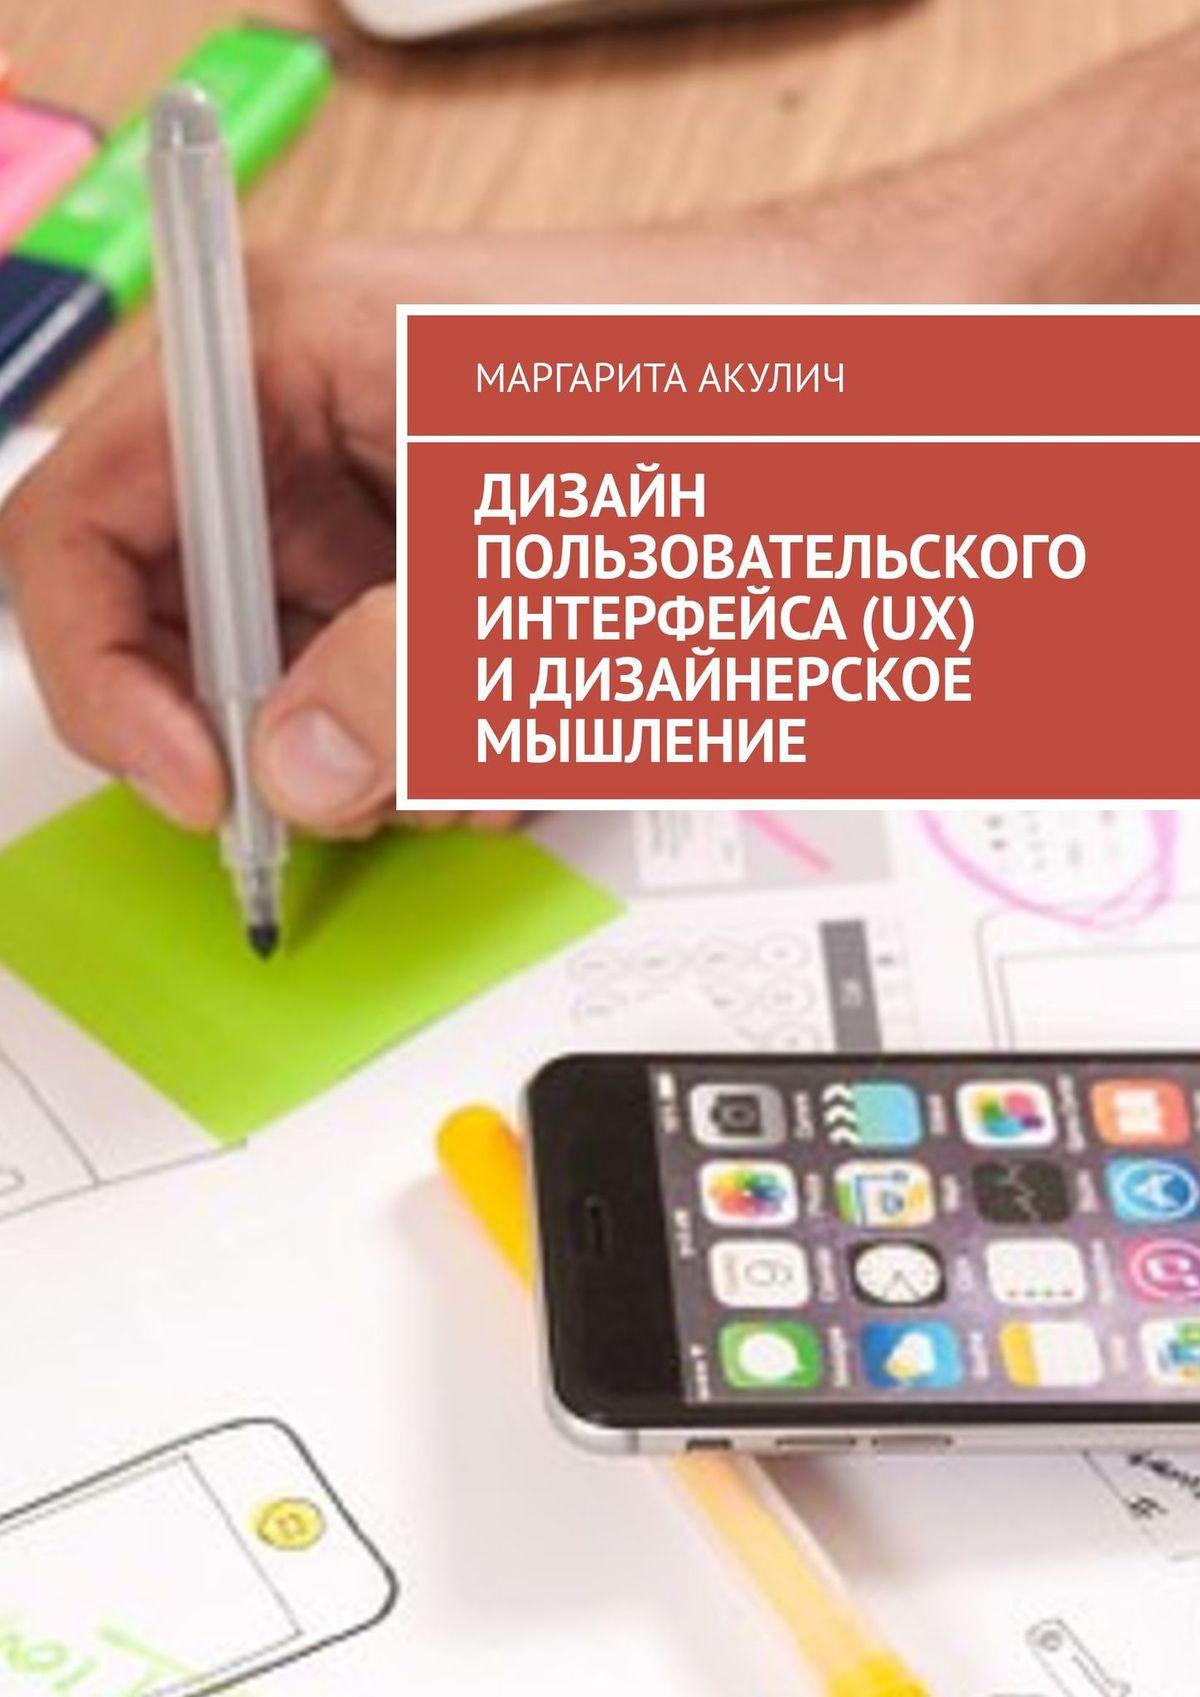 Маргарита Акулич Дизайн пользовательского интерфейса(UX) идизайнерское мышление